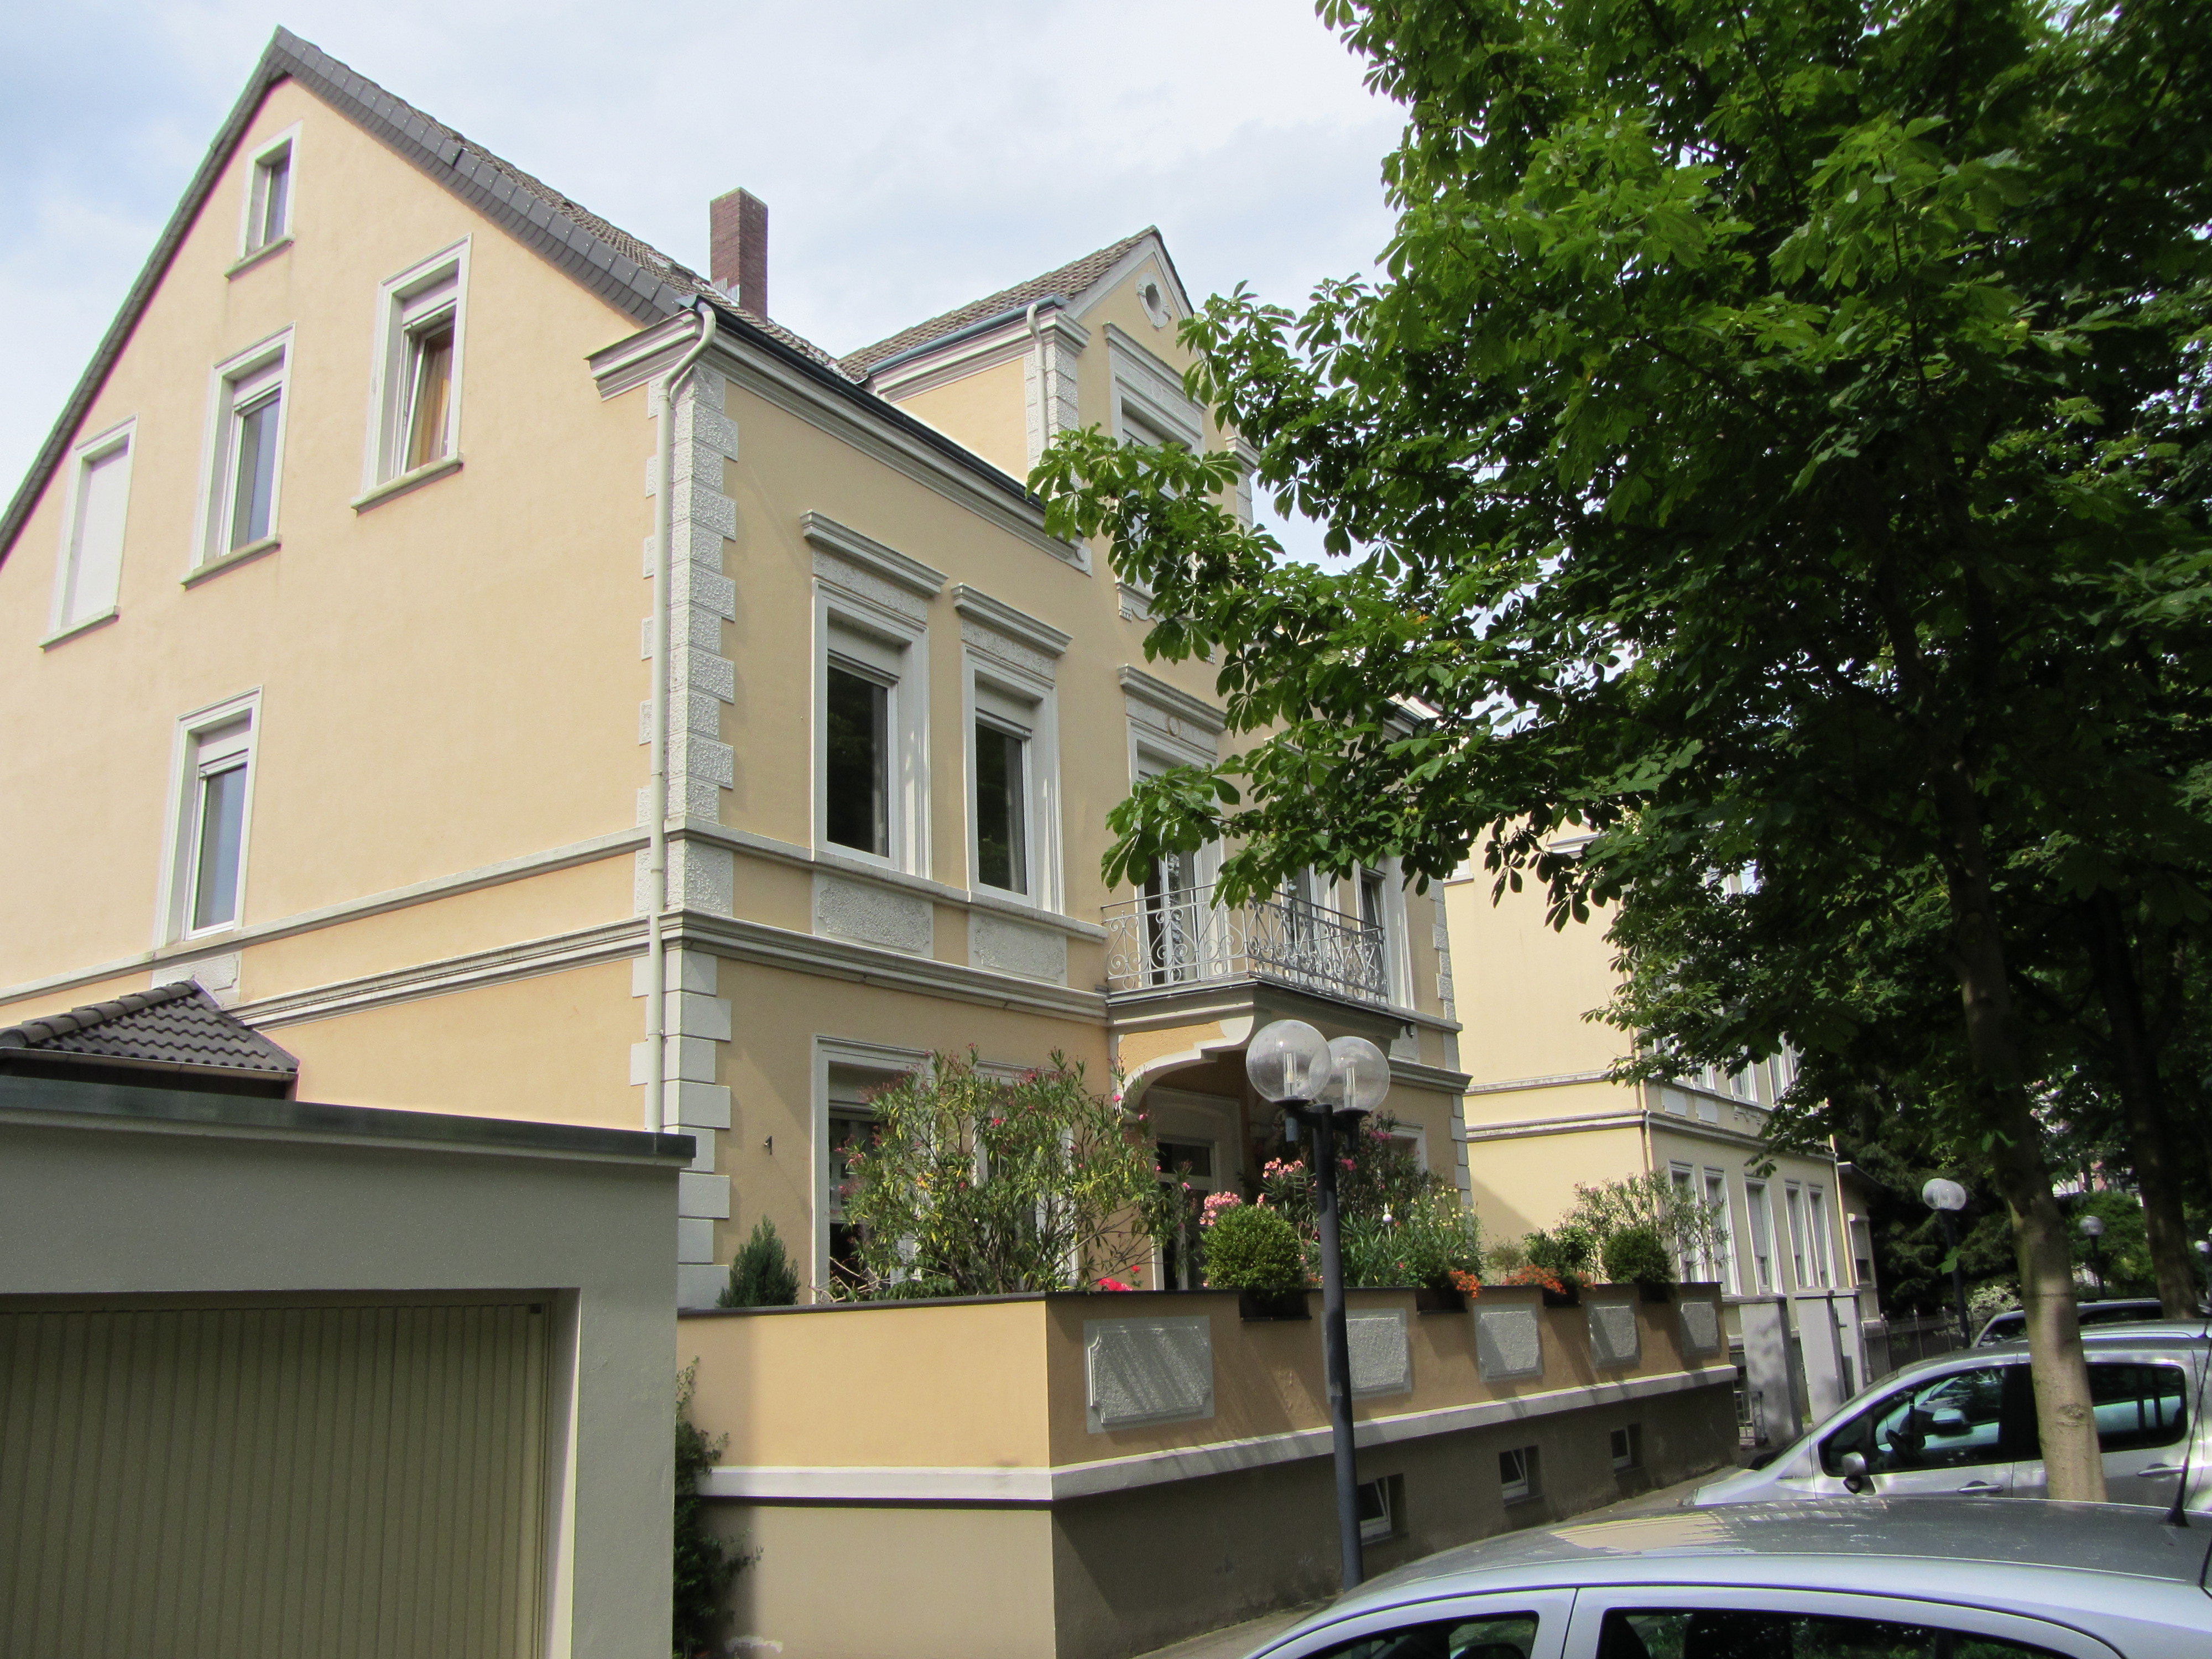 4 Sterne Hotel in Lippstadt - Agentur für Zimmervermittlung Lippstadt